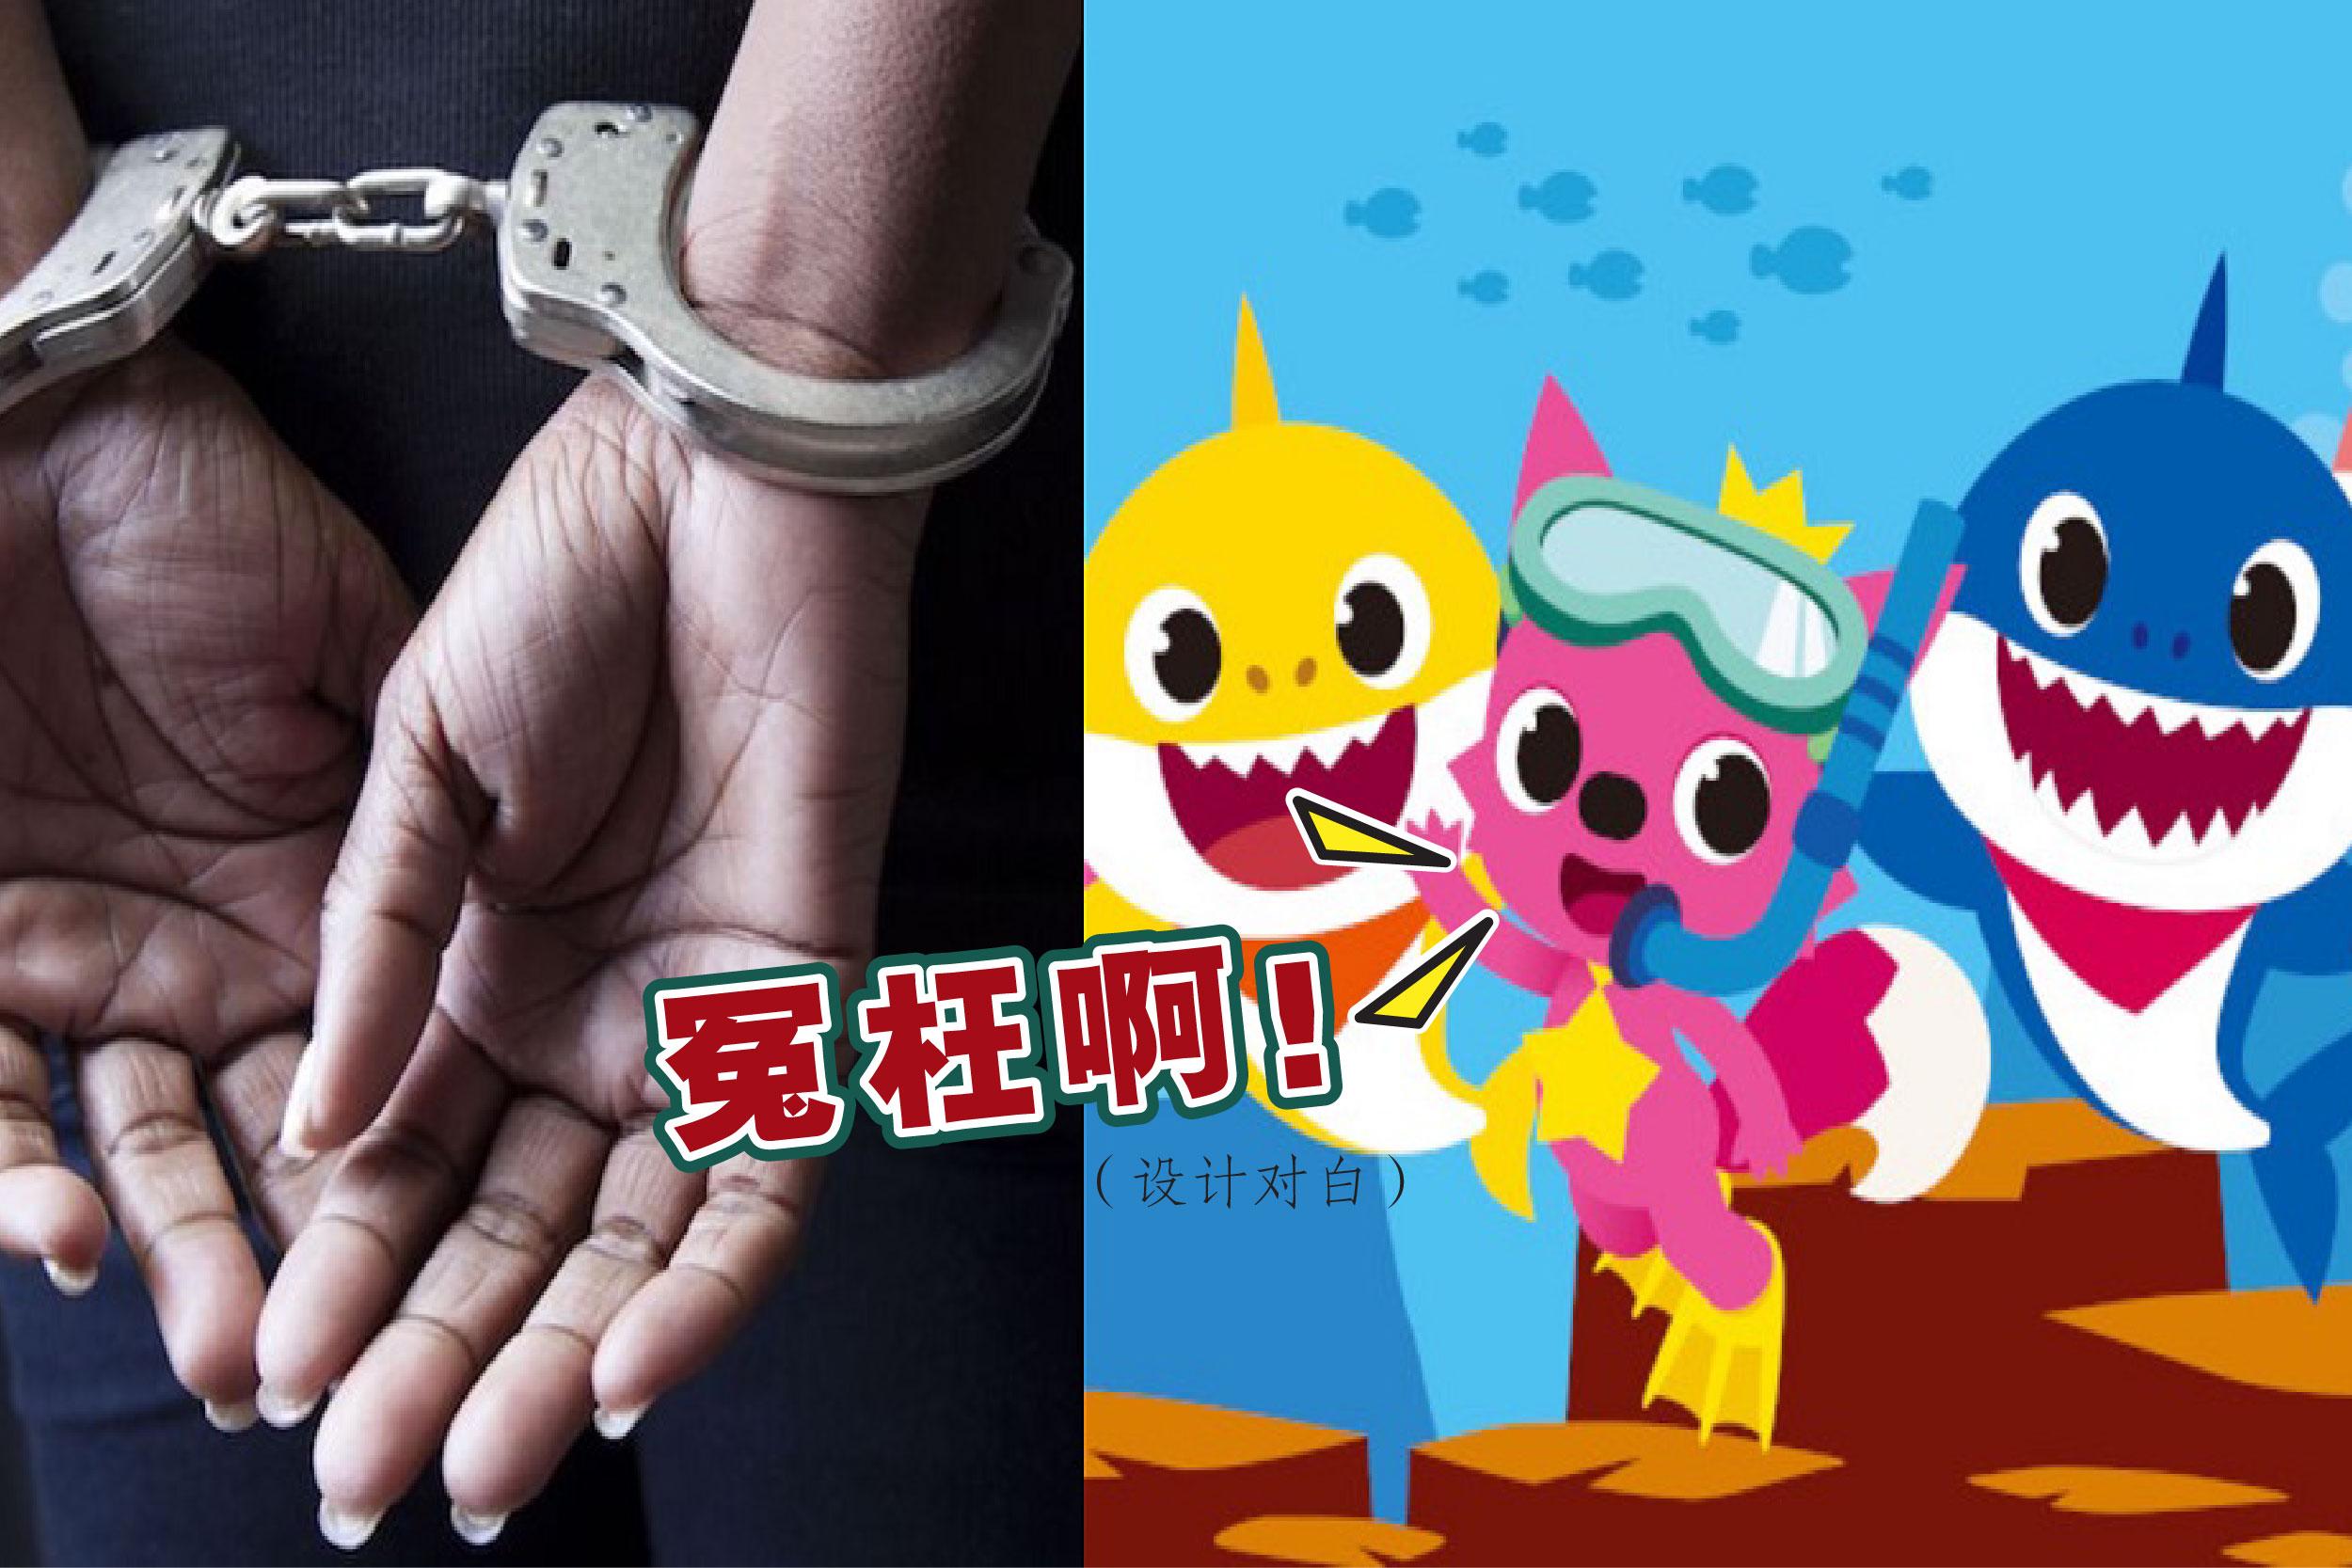 """原来儿童神曲""""鲨鱼宝宝(Baby Shark)""""也能成为虐待囚犯的""""武器""""。-法新社/精彩大马制图-"""